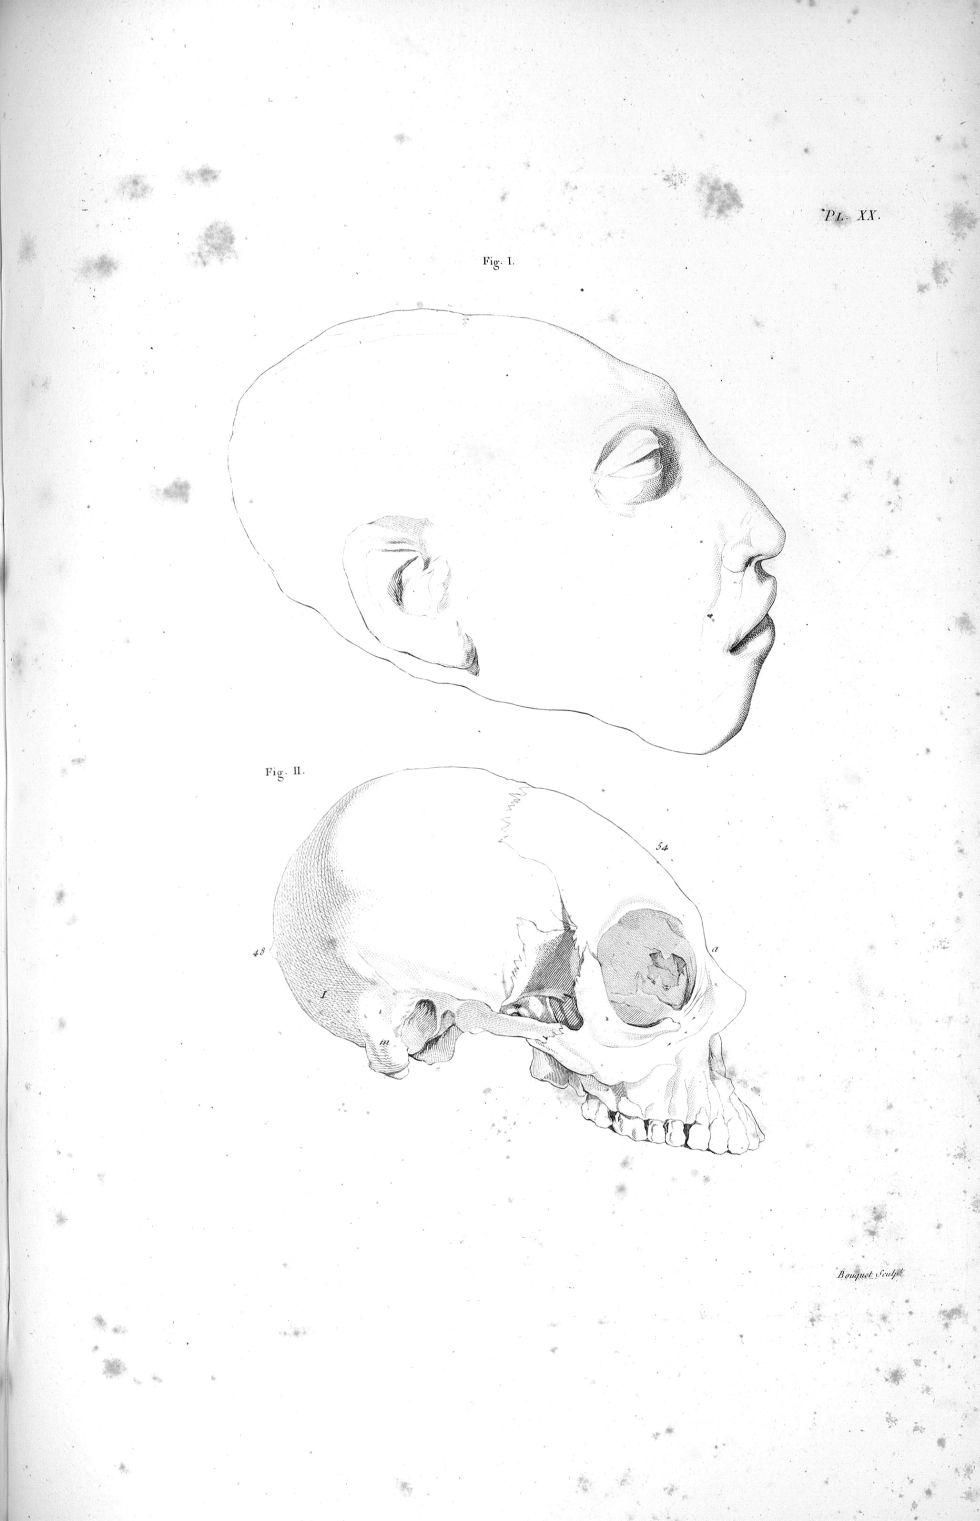 Pl. XX. Fig. 1 et 2. Tête et crâne d'une fille de vingt ans complètement imbécile - Anatomie. Neurologie. Crânes. Phrénologie. 19e siècle (France) - med00575x02x0335